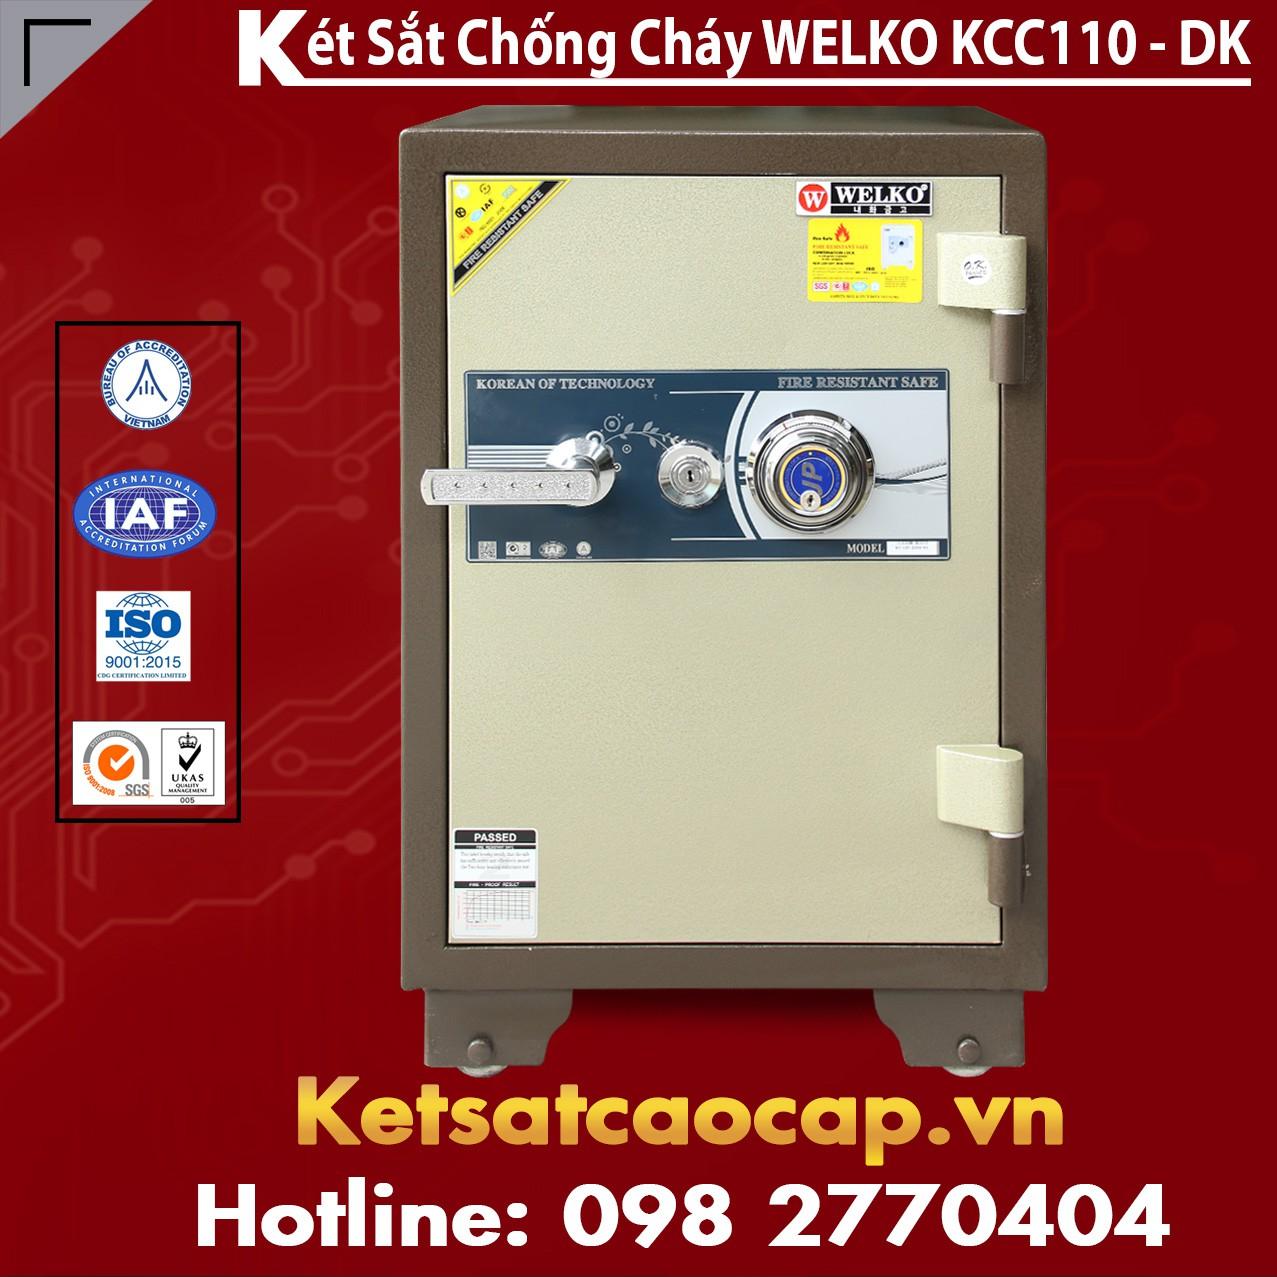 Két Sắt Nhập Khẩu KCC110 DK - Brown